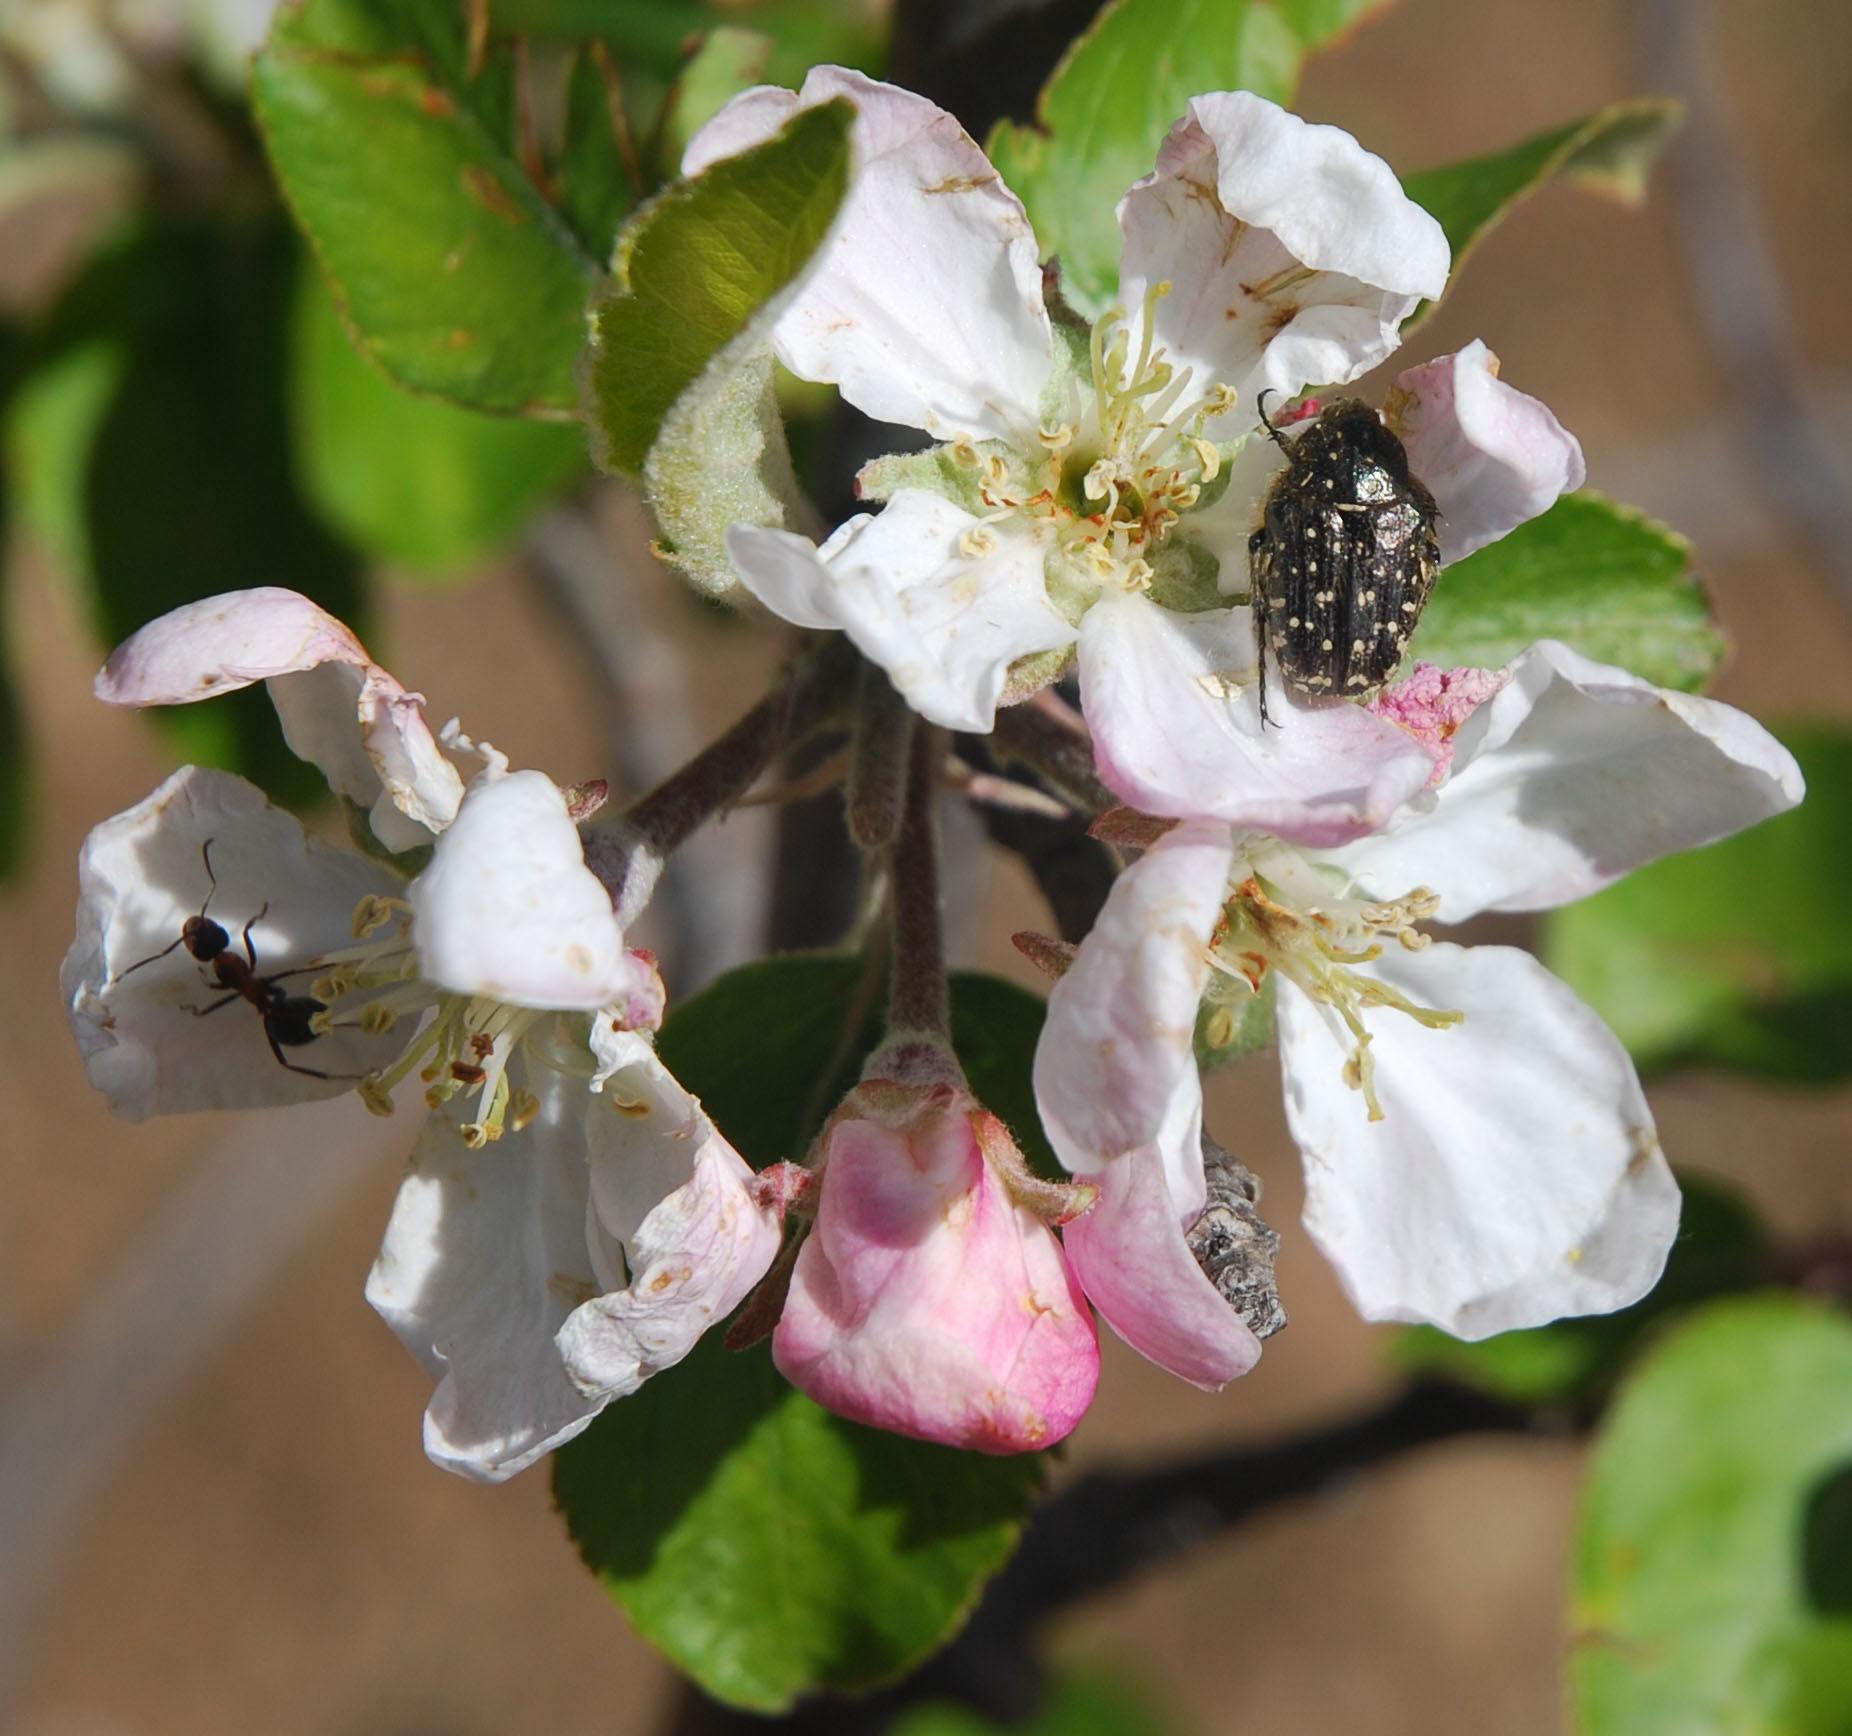 Photo d'insectes sur fleurs de pommier : fourmi et coléoptère Drap mortuaire